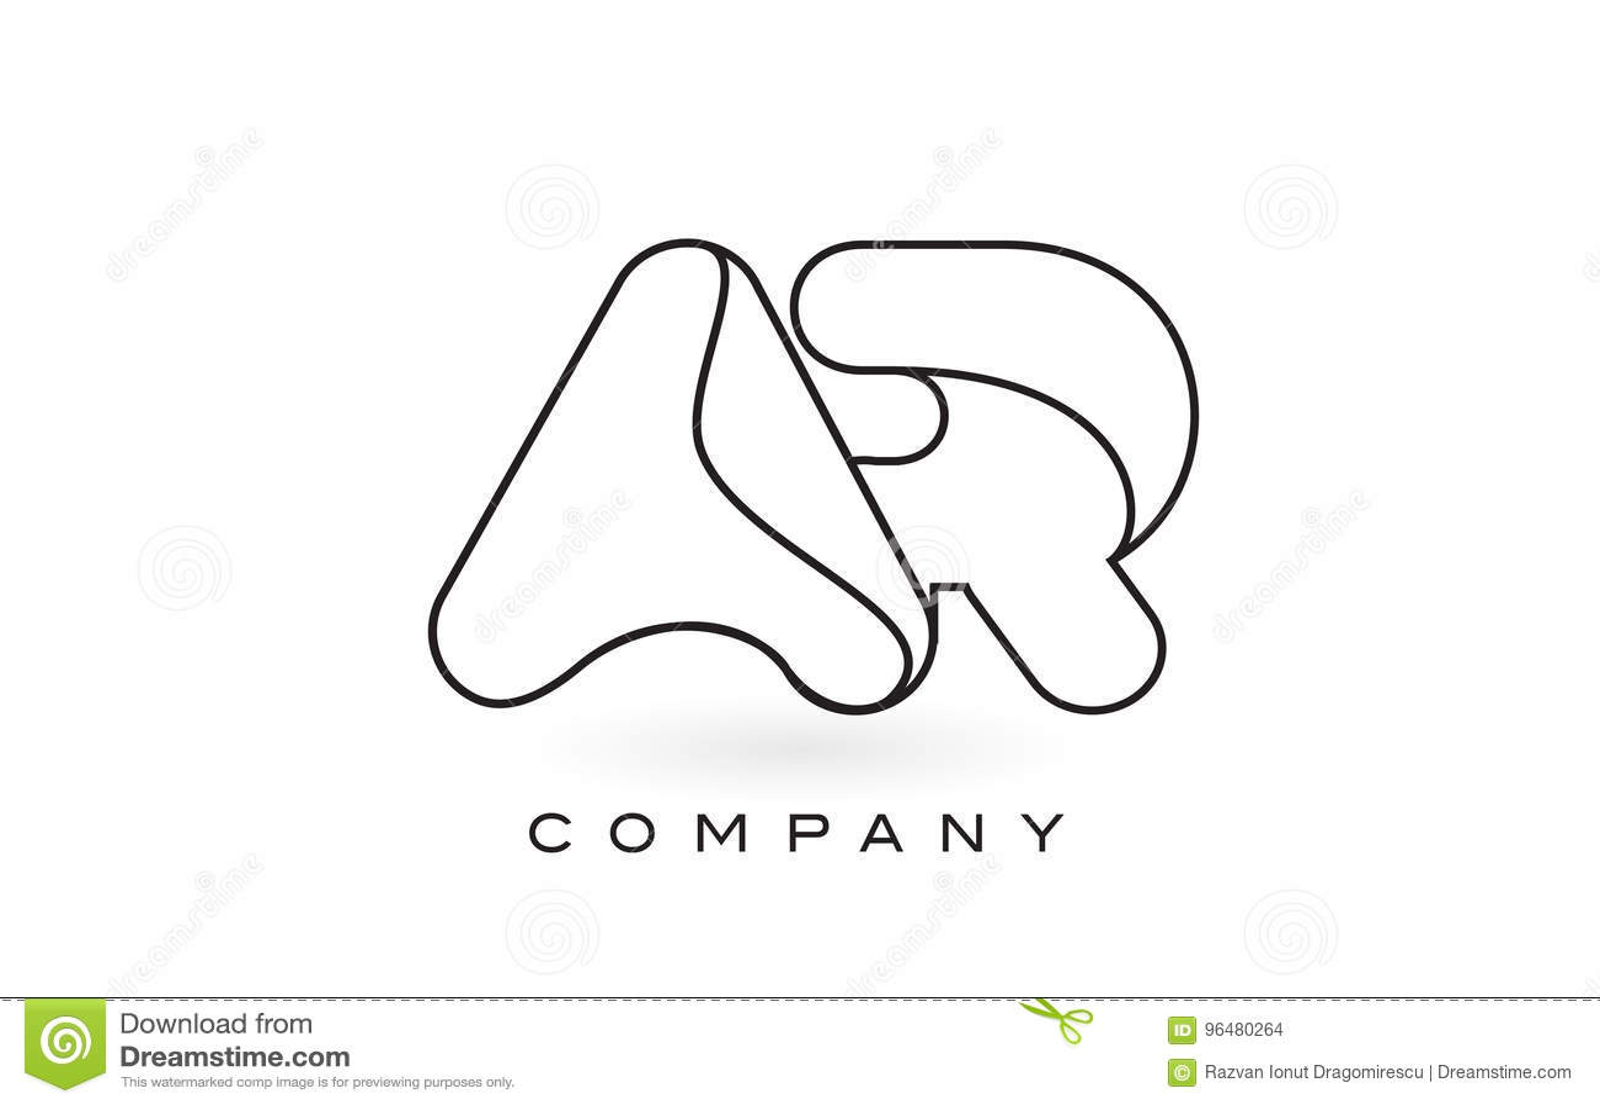 AR Monogram Letter Logo With Thin Black Monogram Outline